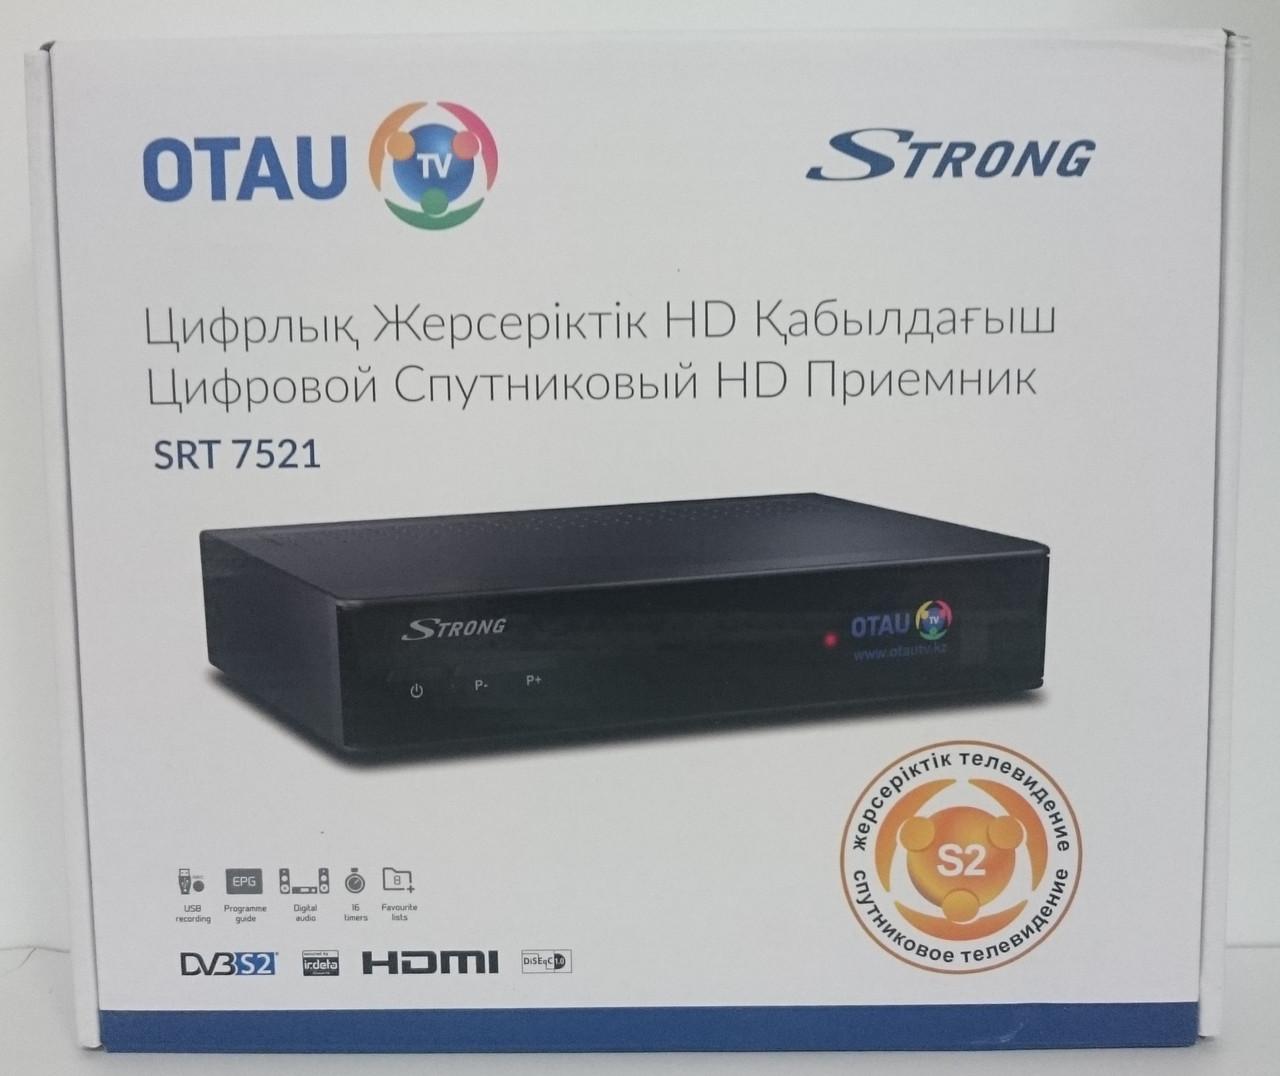 Спутниковый ресивер Strong SRT 7521  OTAU-TV